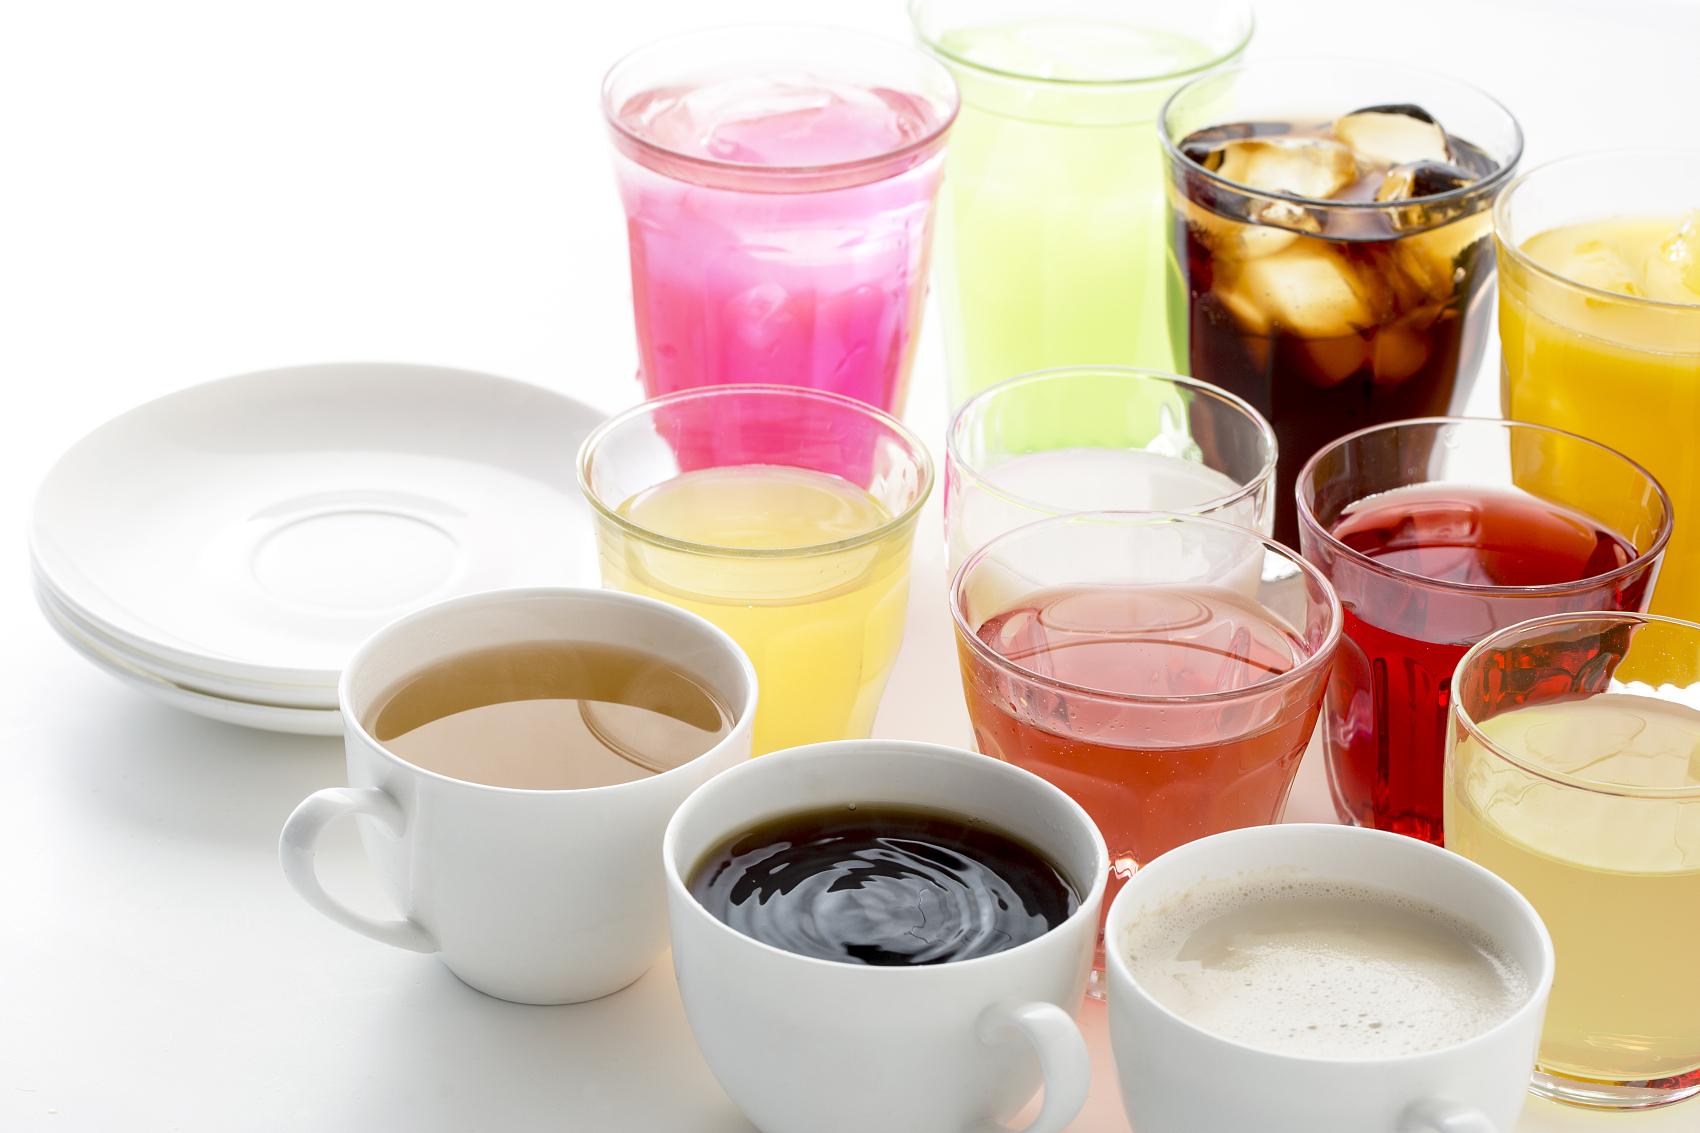 夏季有哪些适合白癜风患者解暑的饮品?